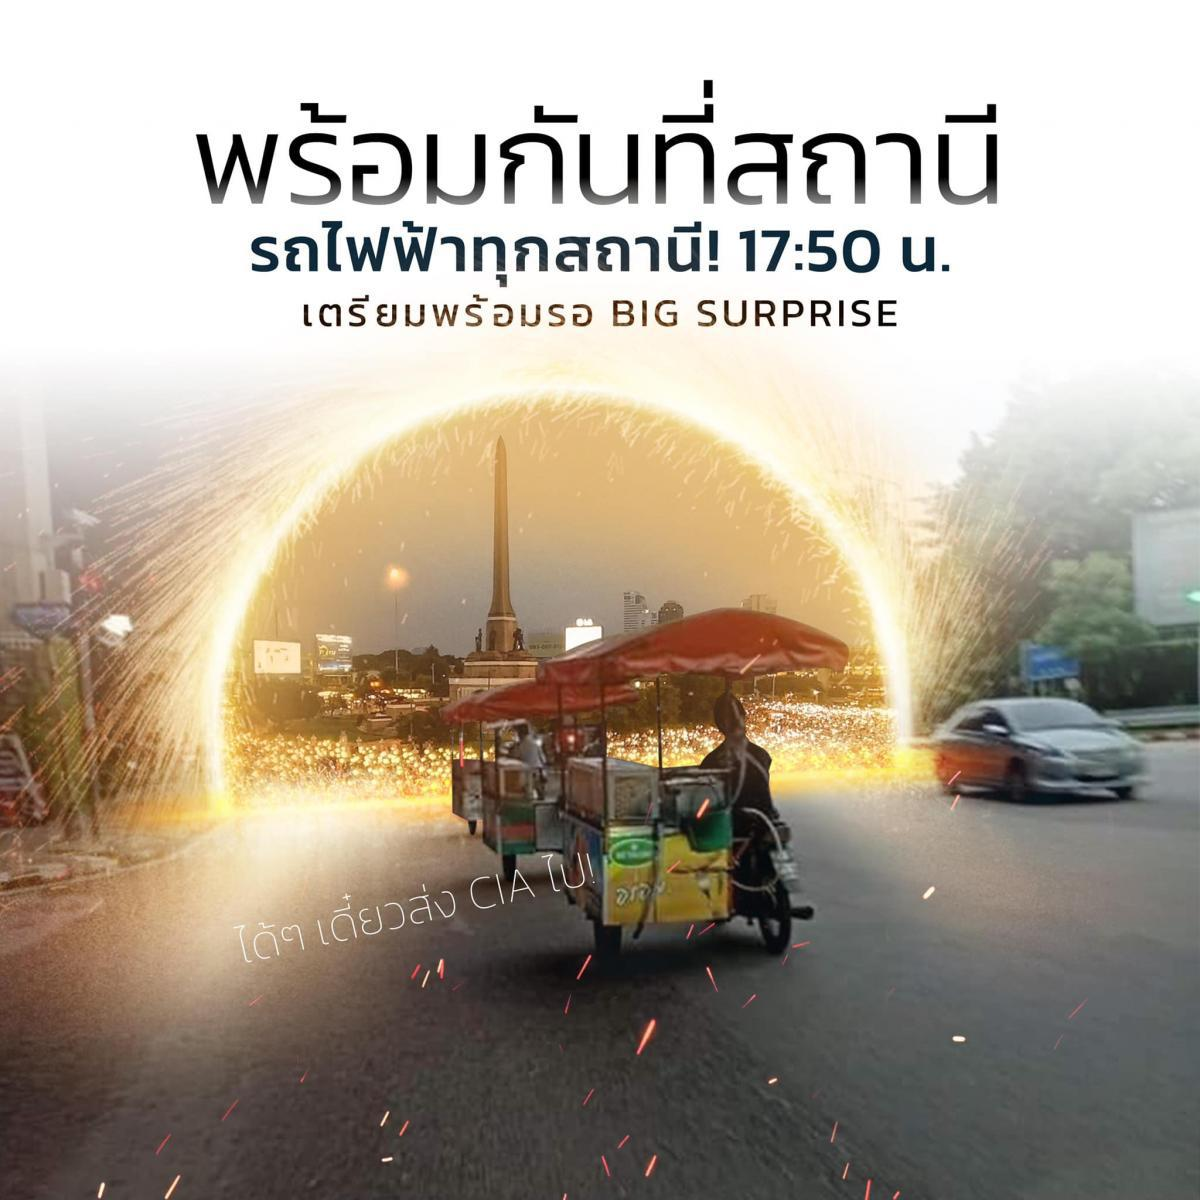 เพจเยาวชนปลดแอก ประกาศ นัดชุมนุมสถานีรถไฟฟ้าทุกสถานี 17.50 น.